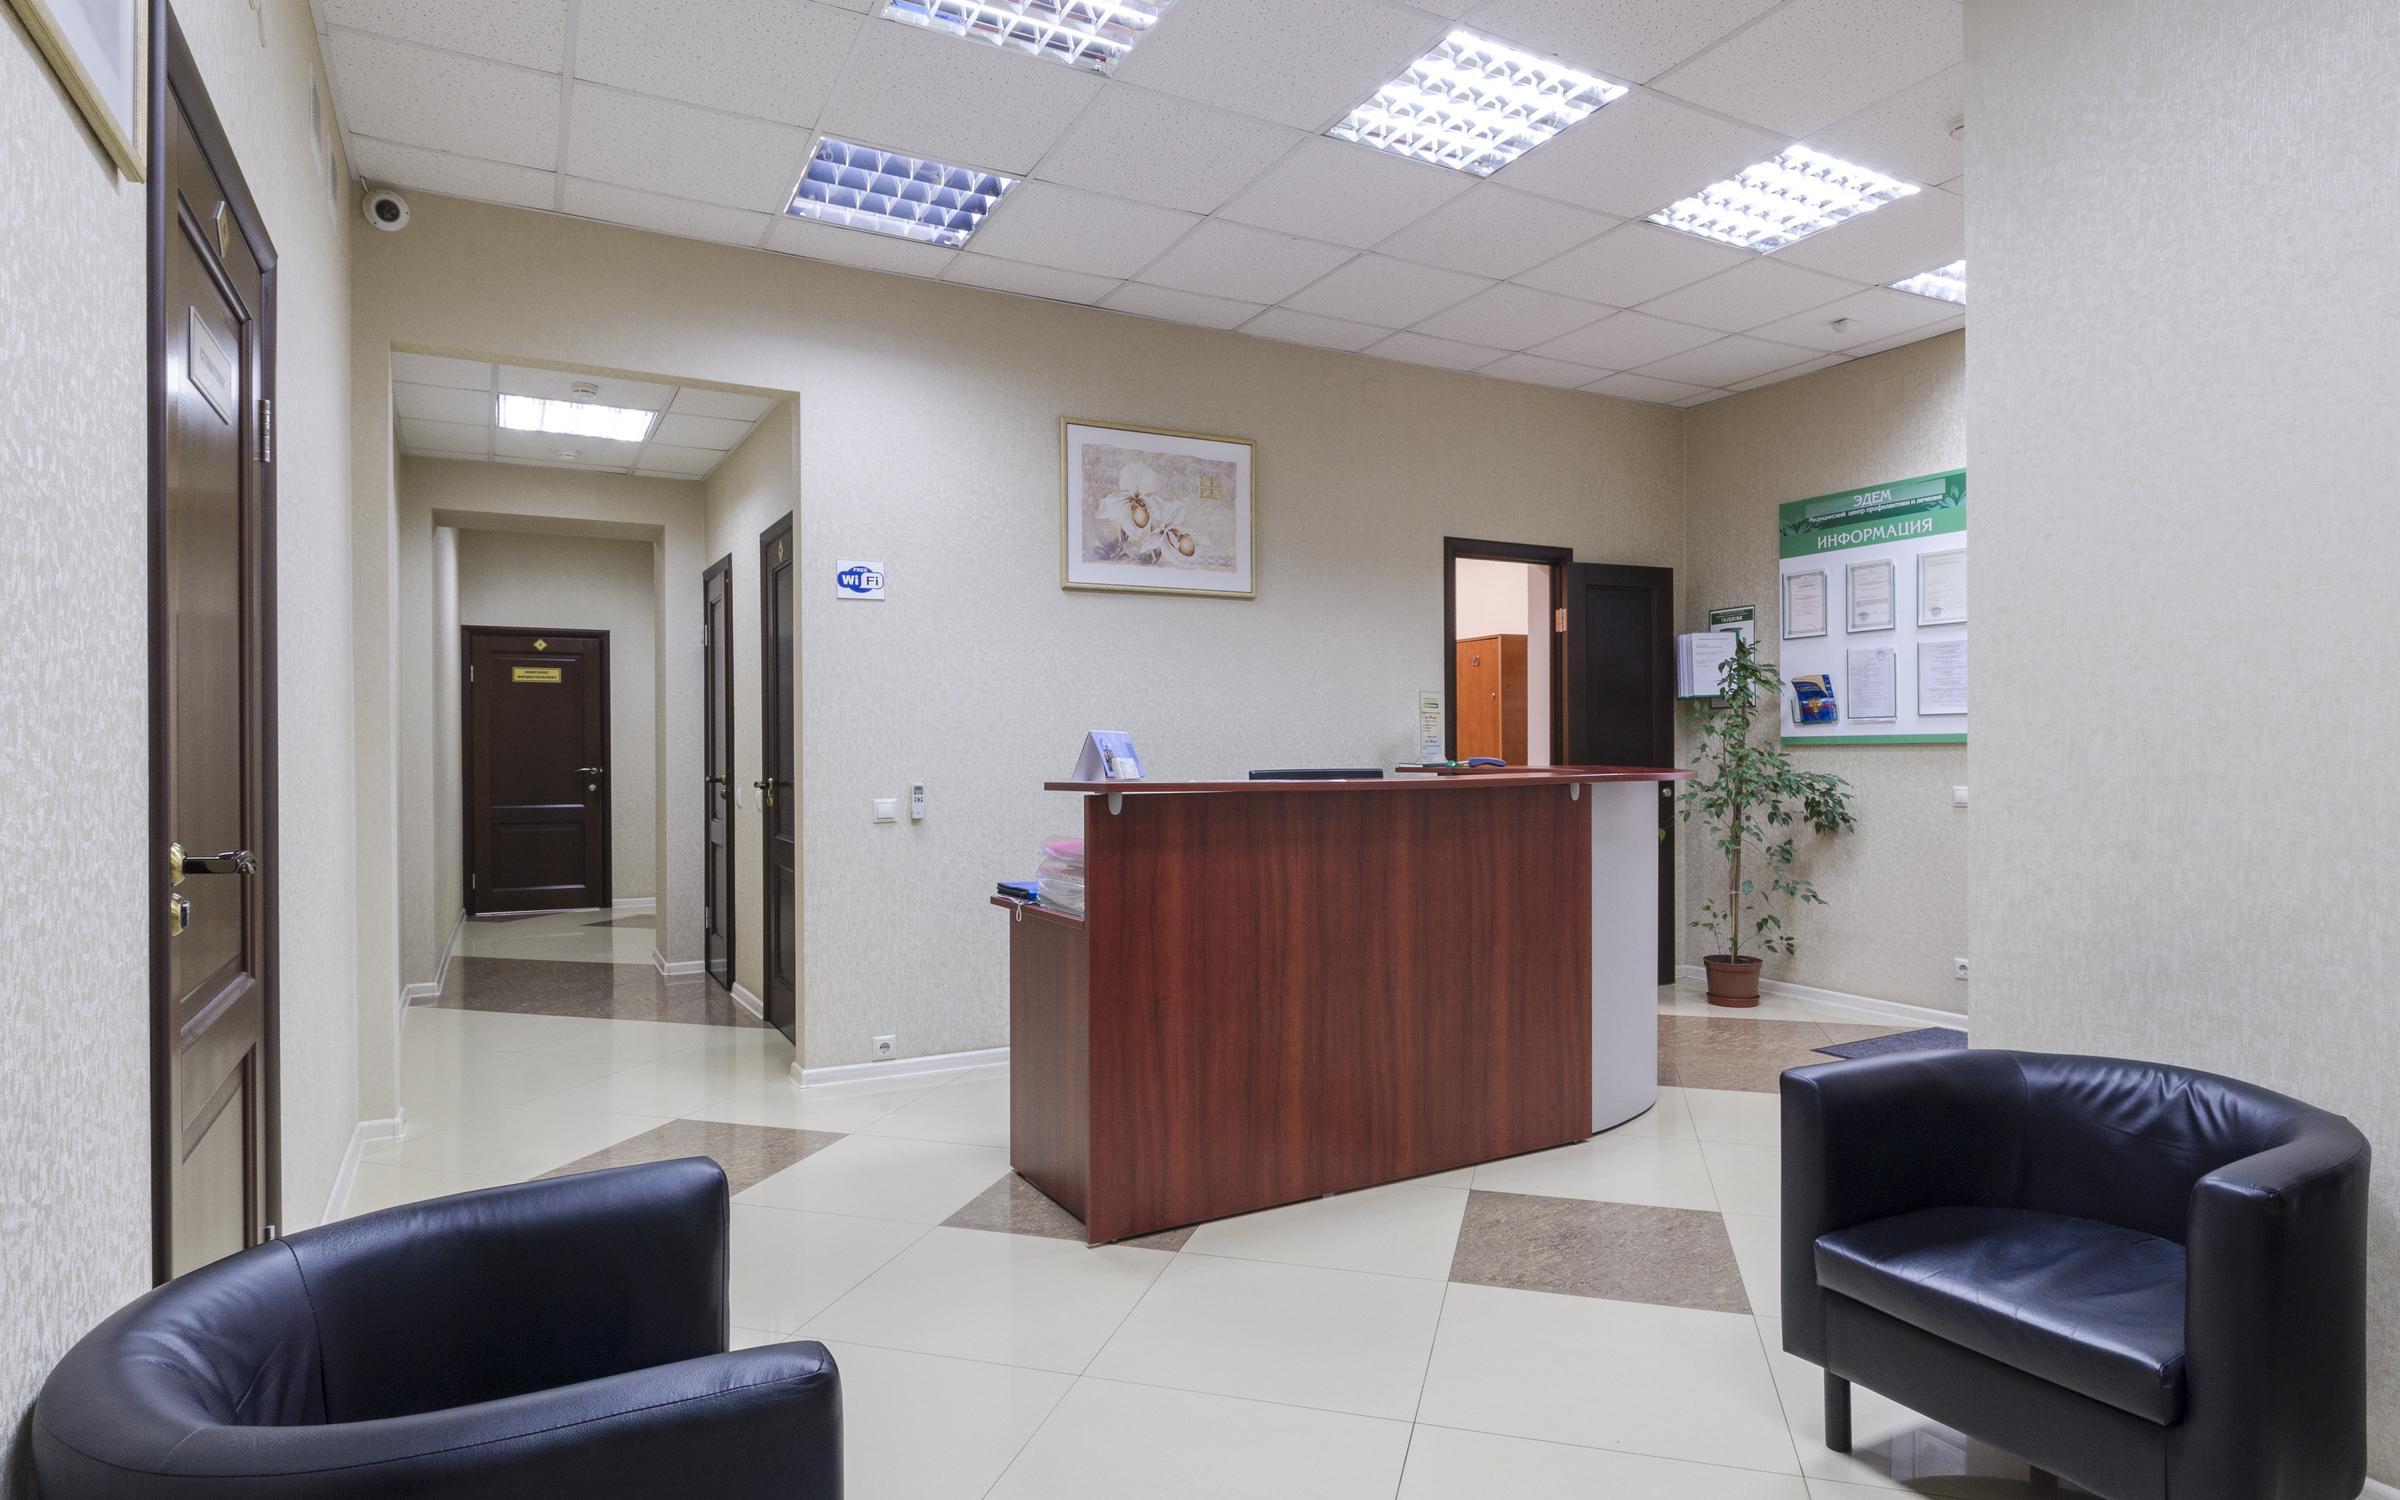 фотография Лечебно-диагностического центра Эдем на Большой Дорогомиловской улице